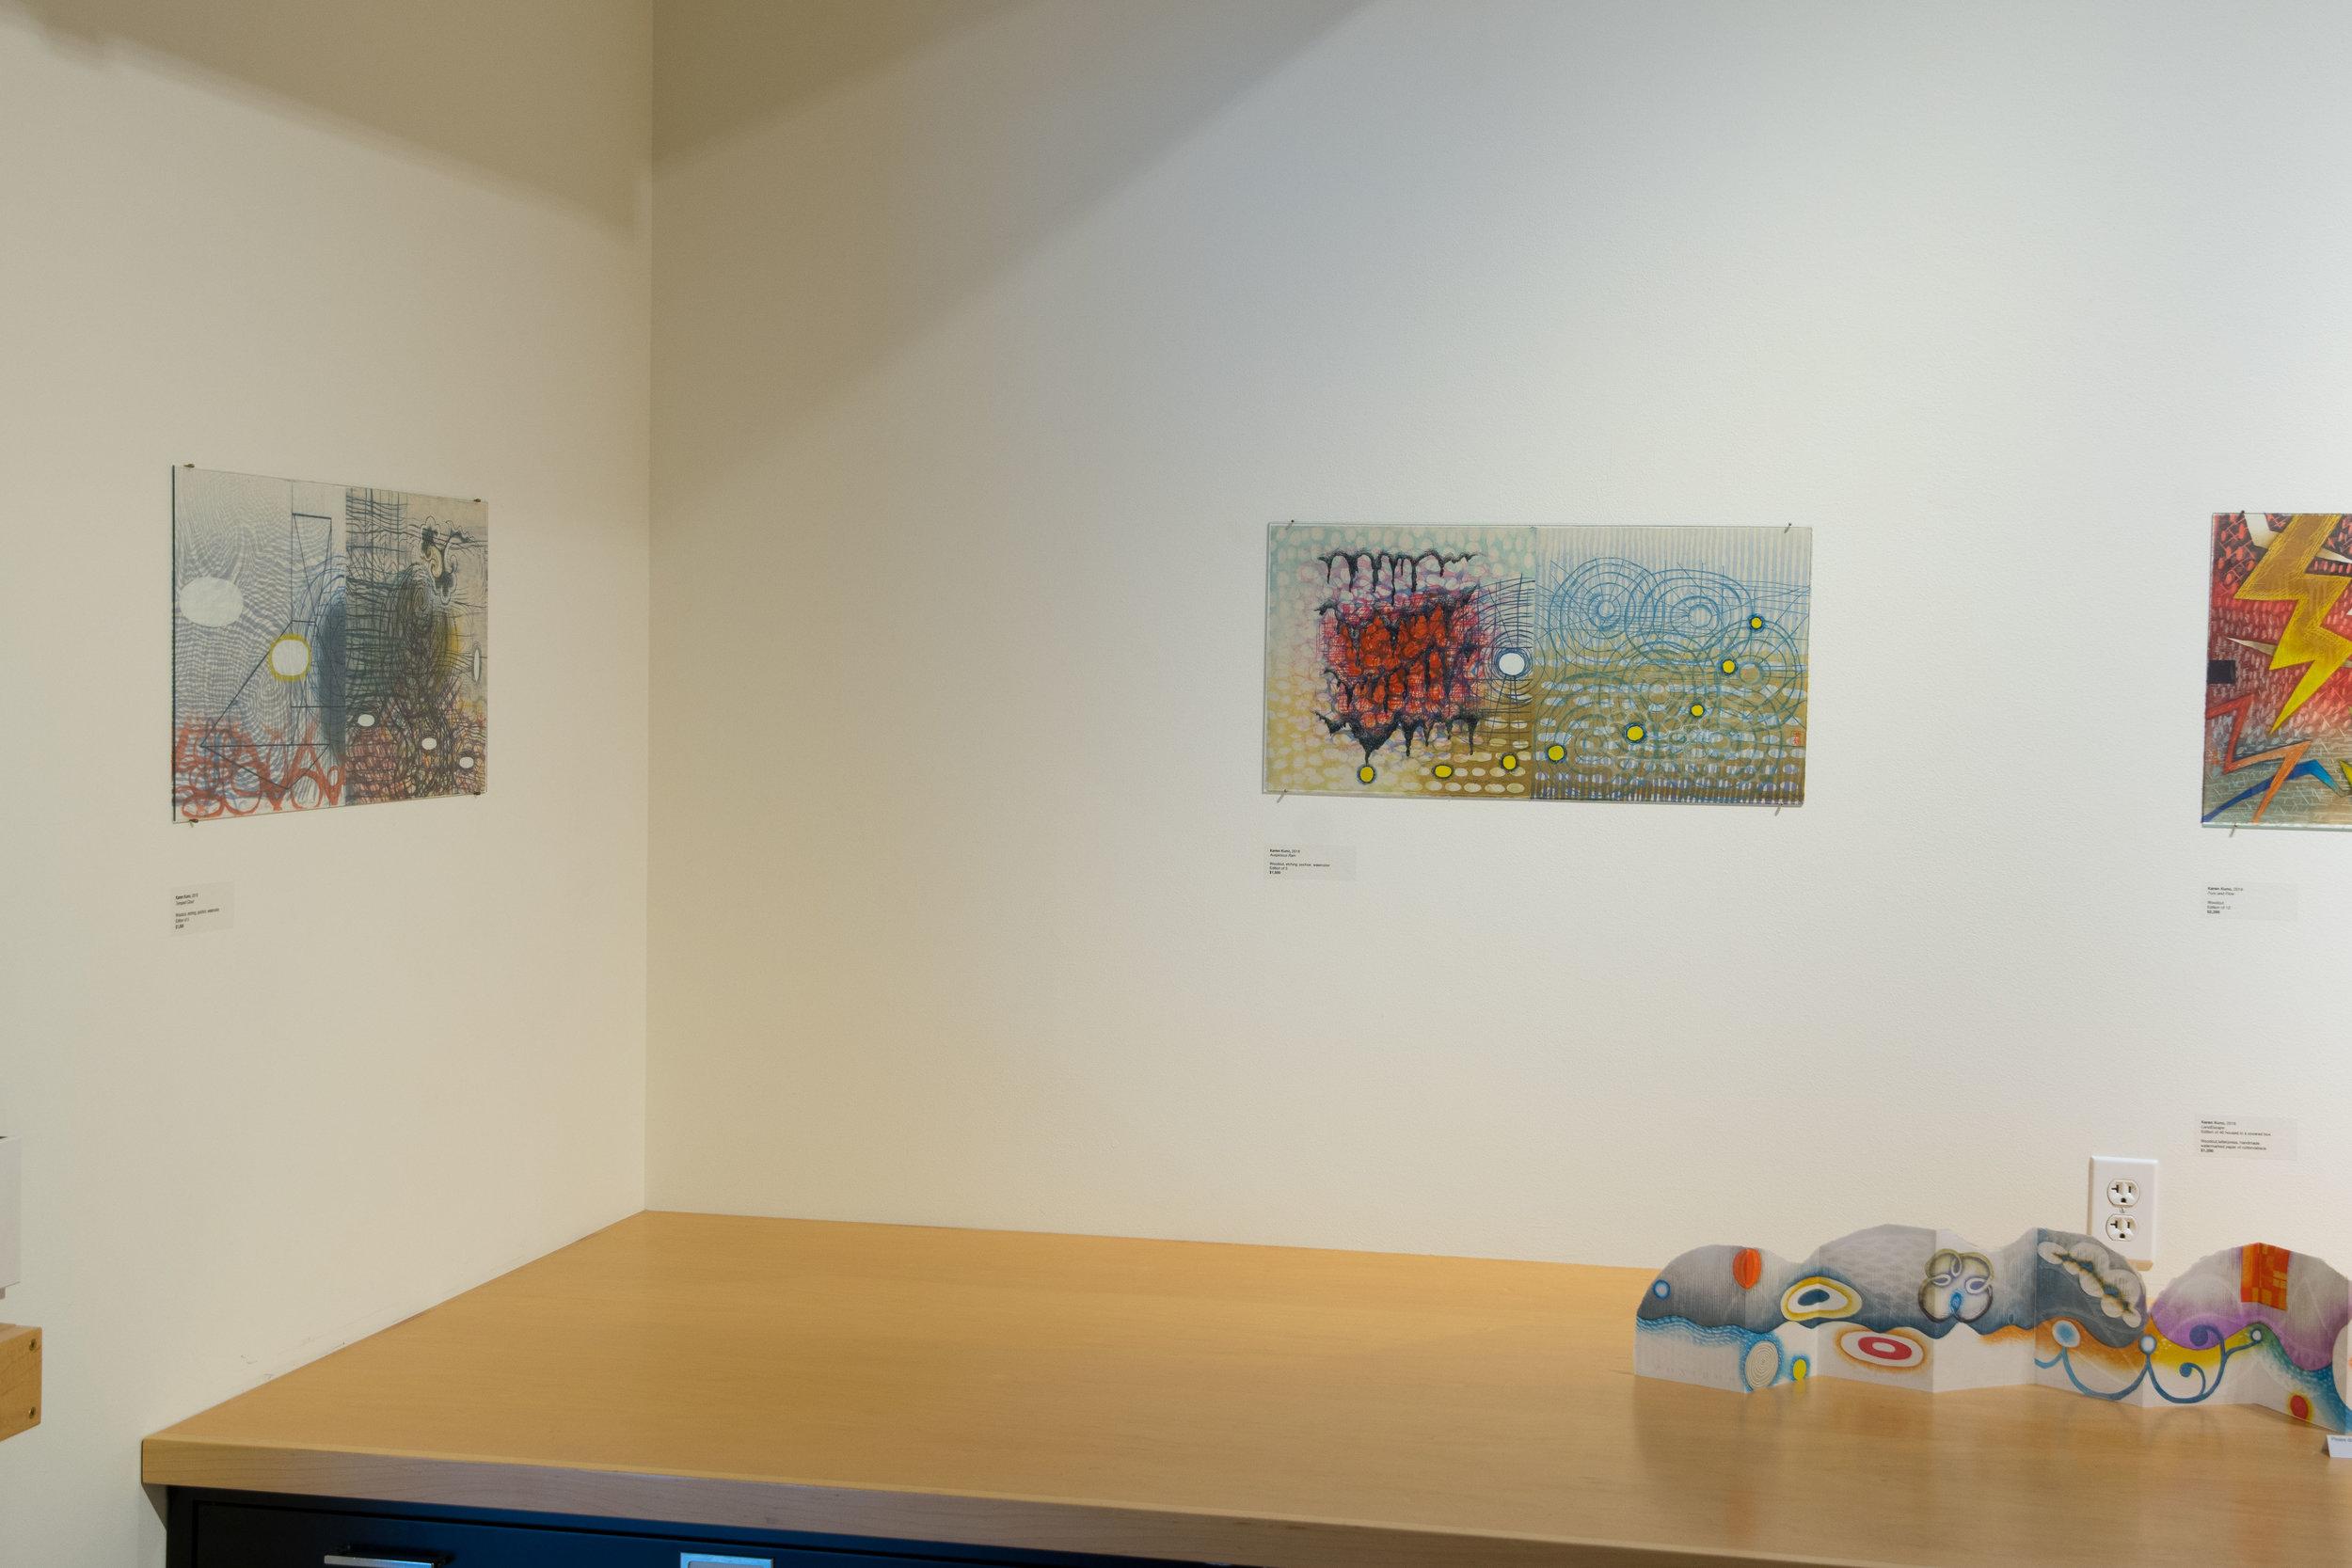 Highpoint ExhibitWeather by Karen Kunc190815a0016.JPG